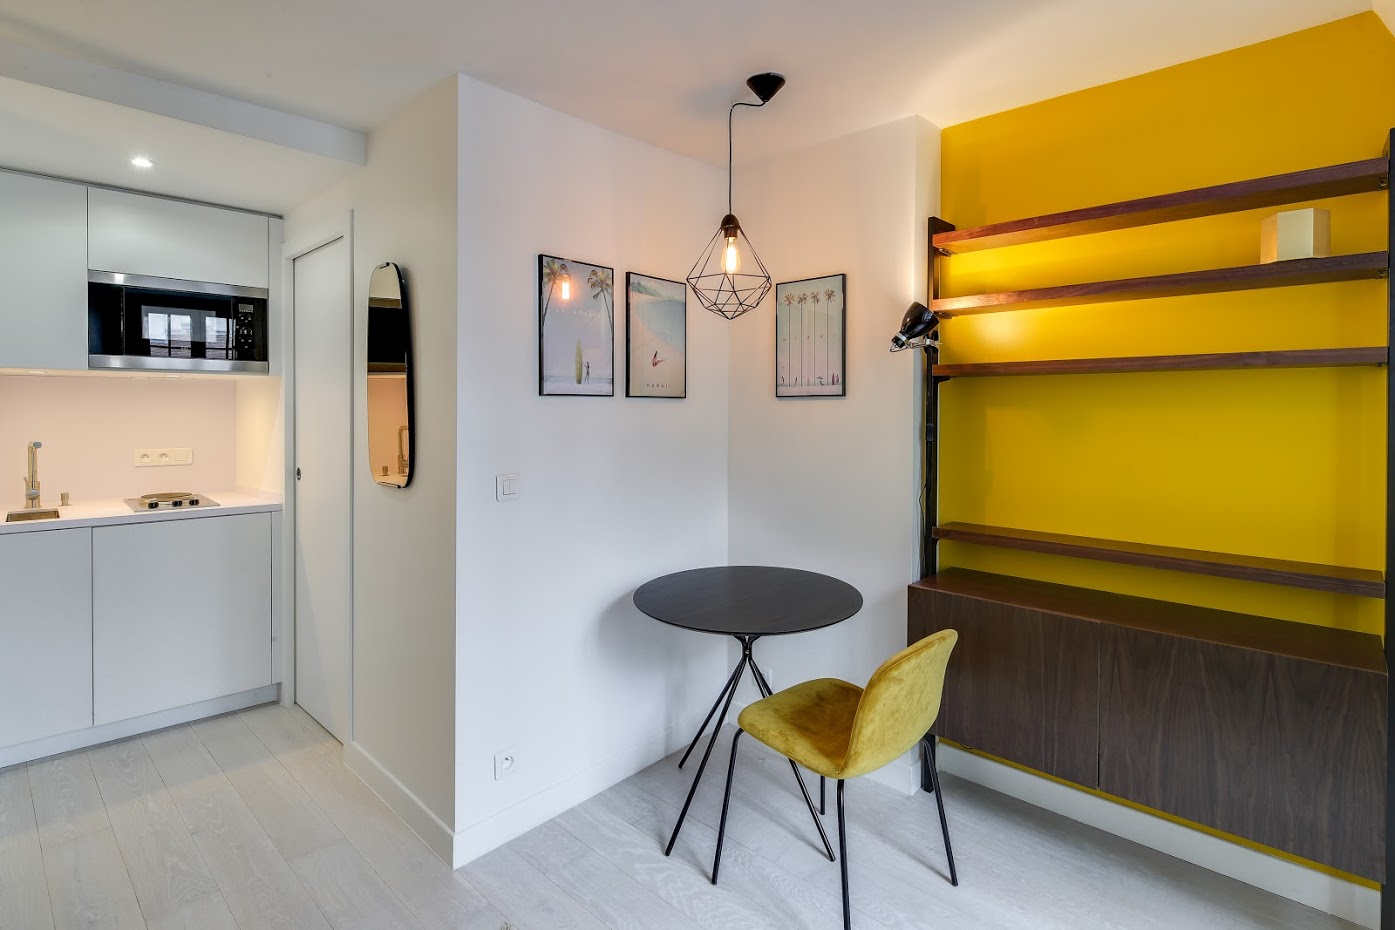 holborn - Rénovation et décoration d'appartements Paris - Le Marais